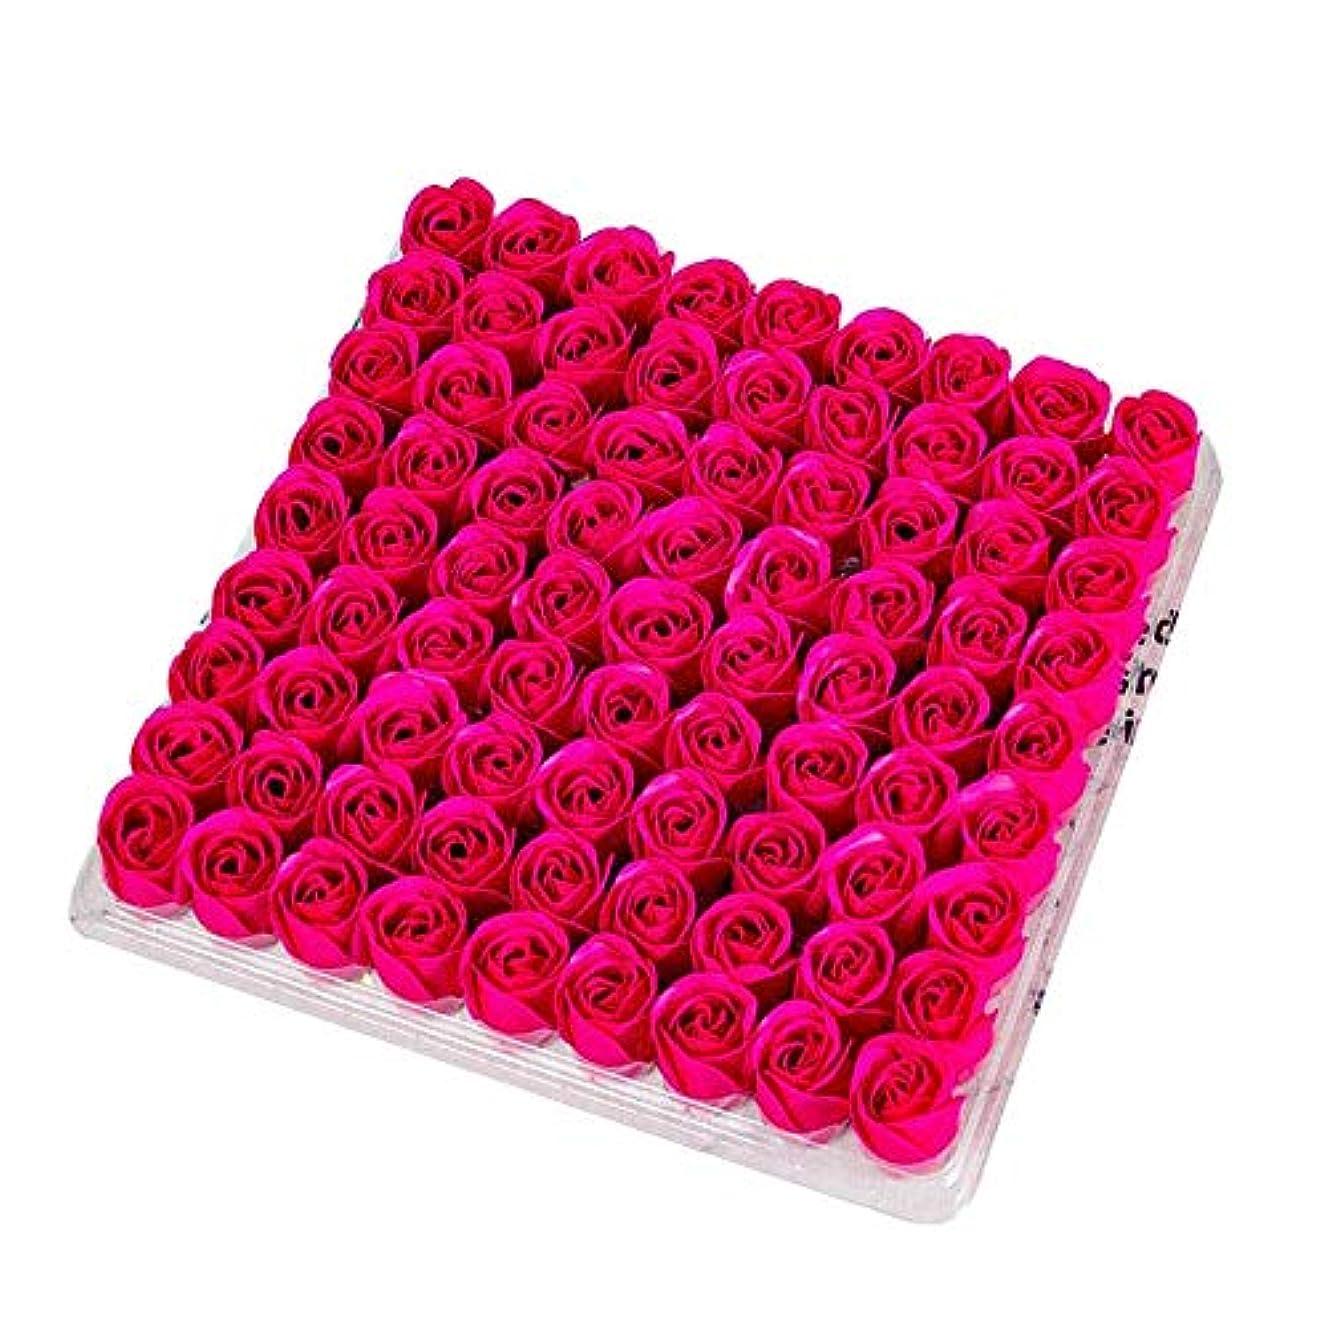 再撮り文法プライムCUHAWUDBA 81個の薔薇、バス ボディ フラワー?フローラルの石けん 香りのよいローズフラワー エッセンシャルオイル フローラルのお客様への石鹸 ウェディング、パーティー、バレンタインデーの贈り物、薔薇、ローズレッド